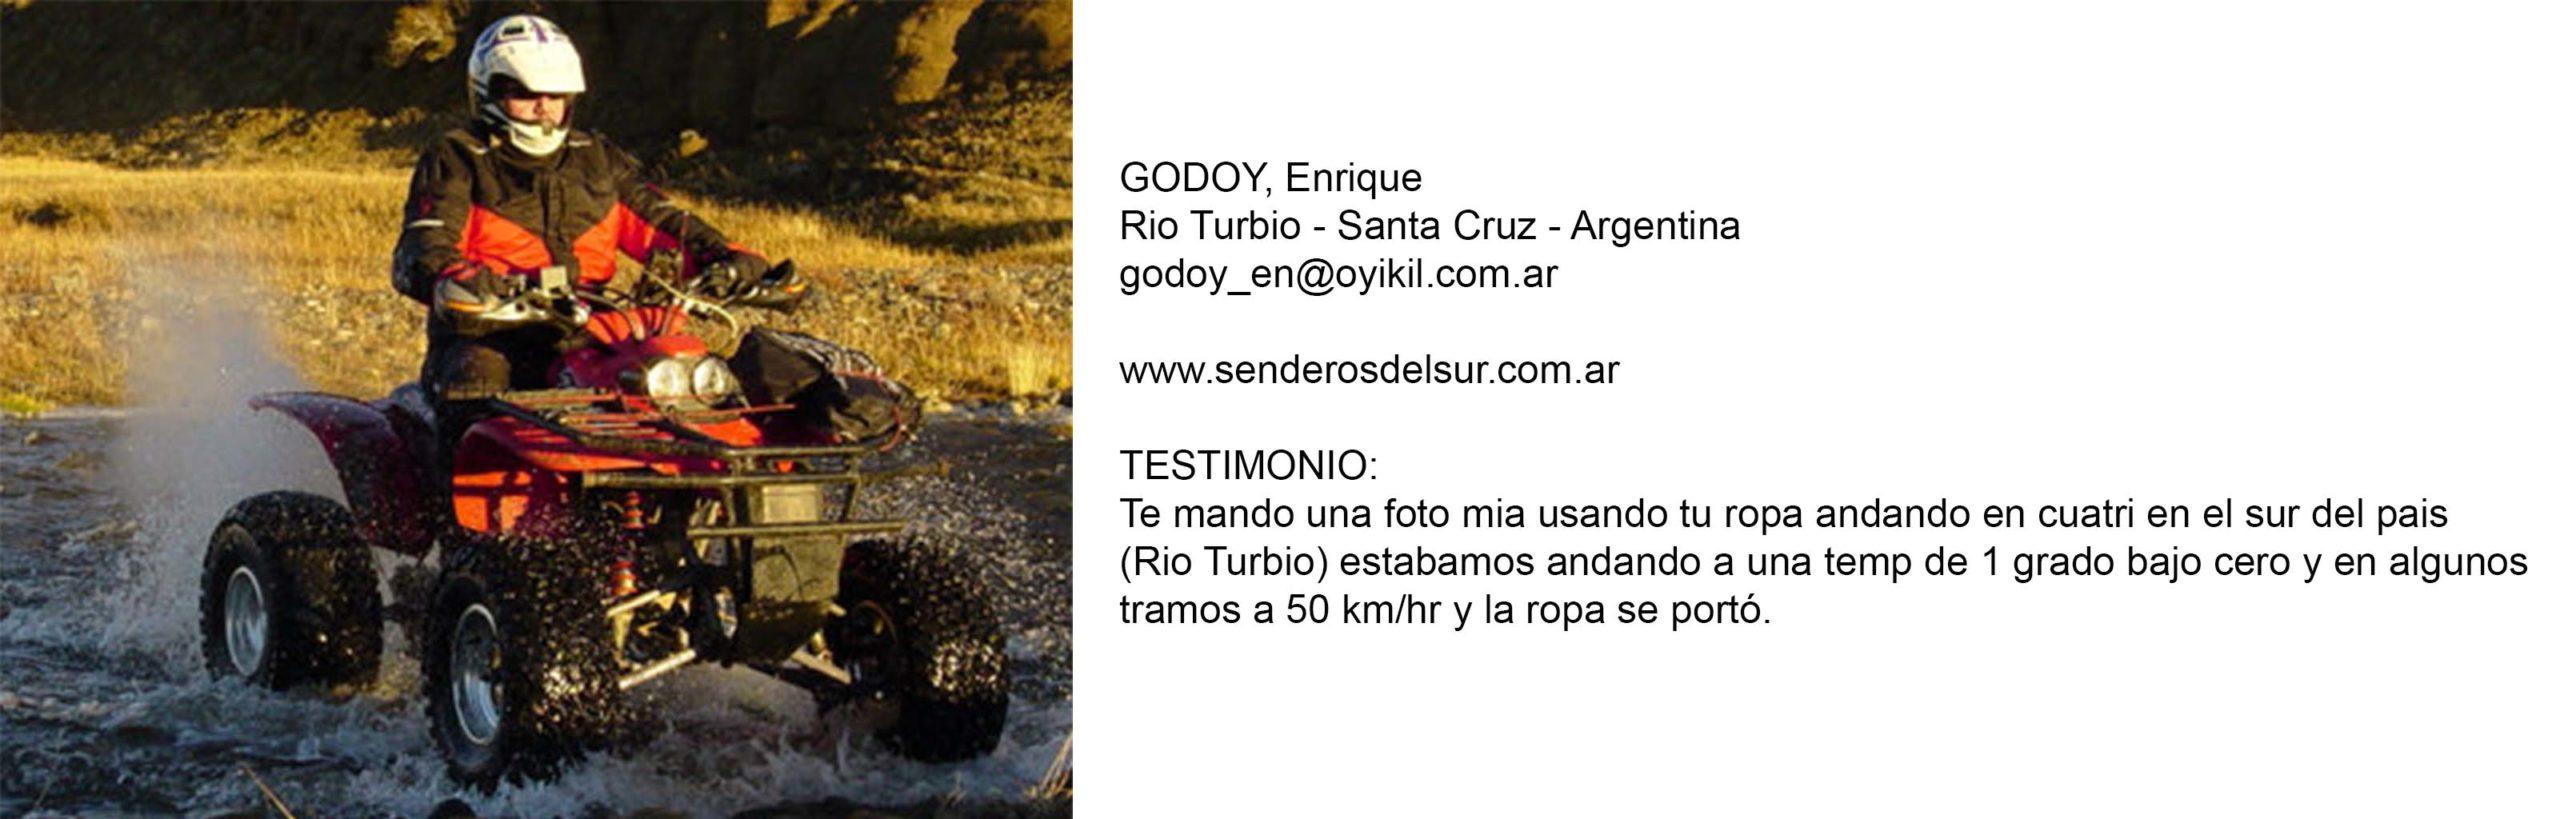 Testimonio godoy